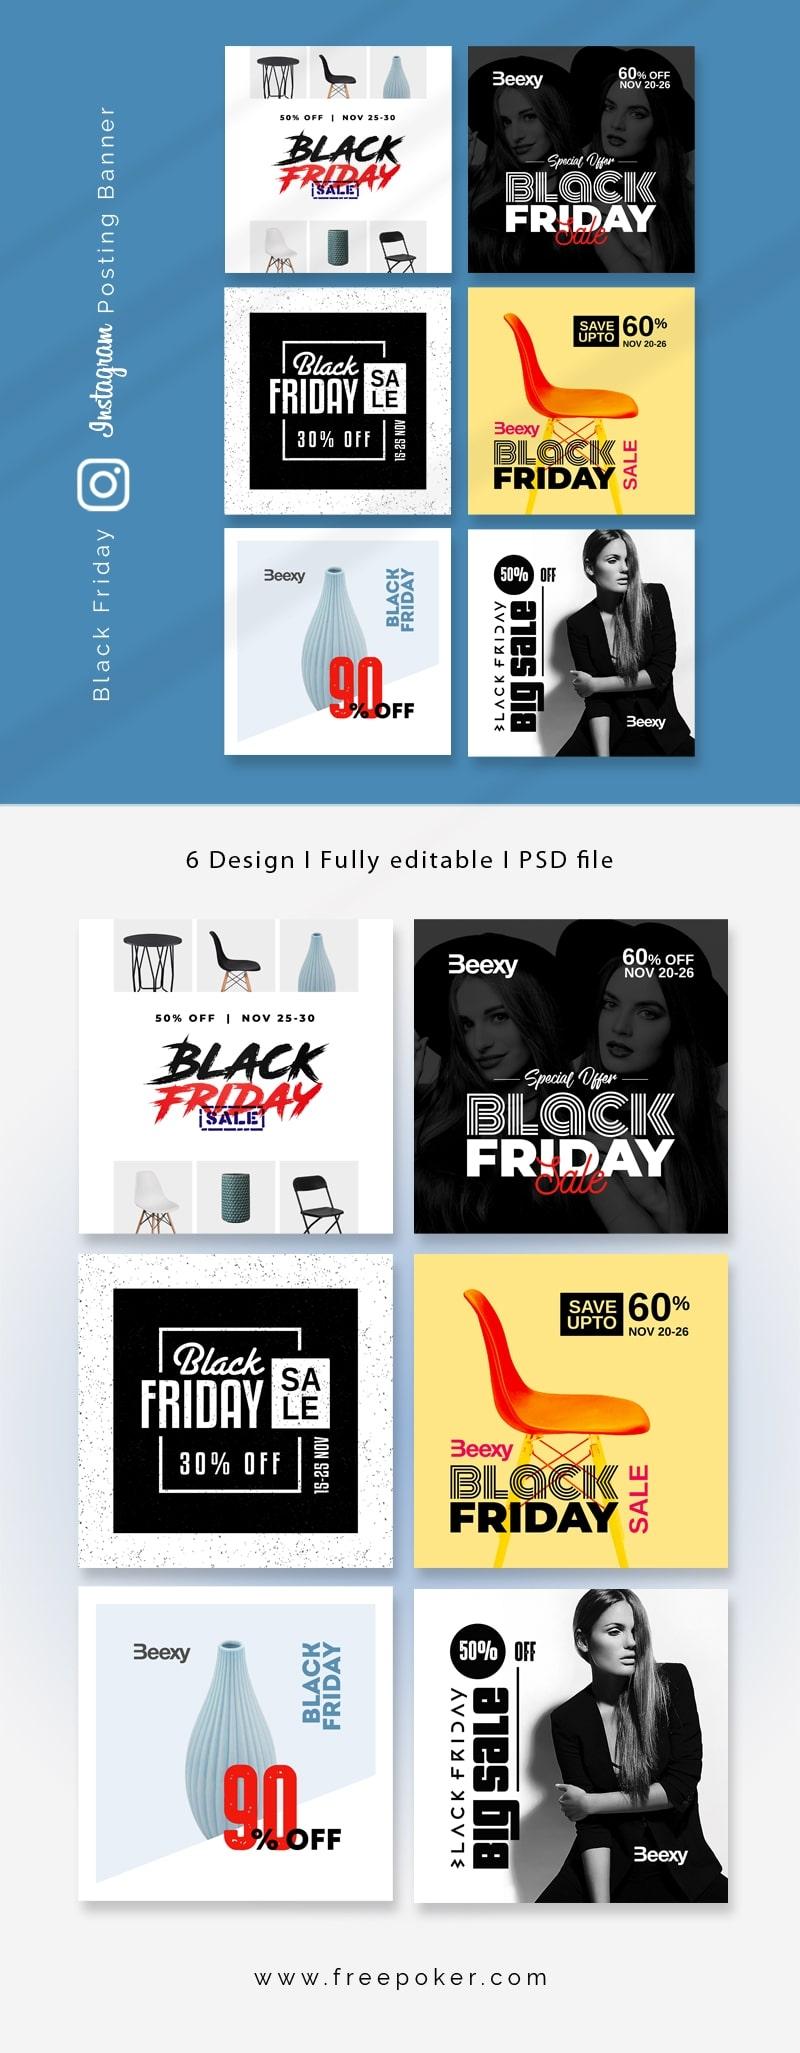 Black Friday Instagram Sale Promotion Booster Kit